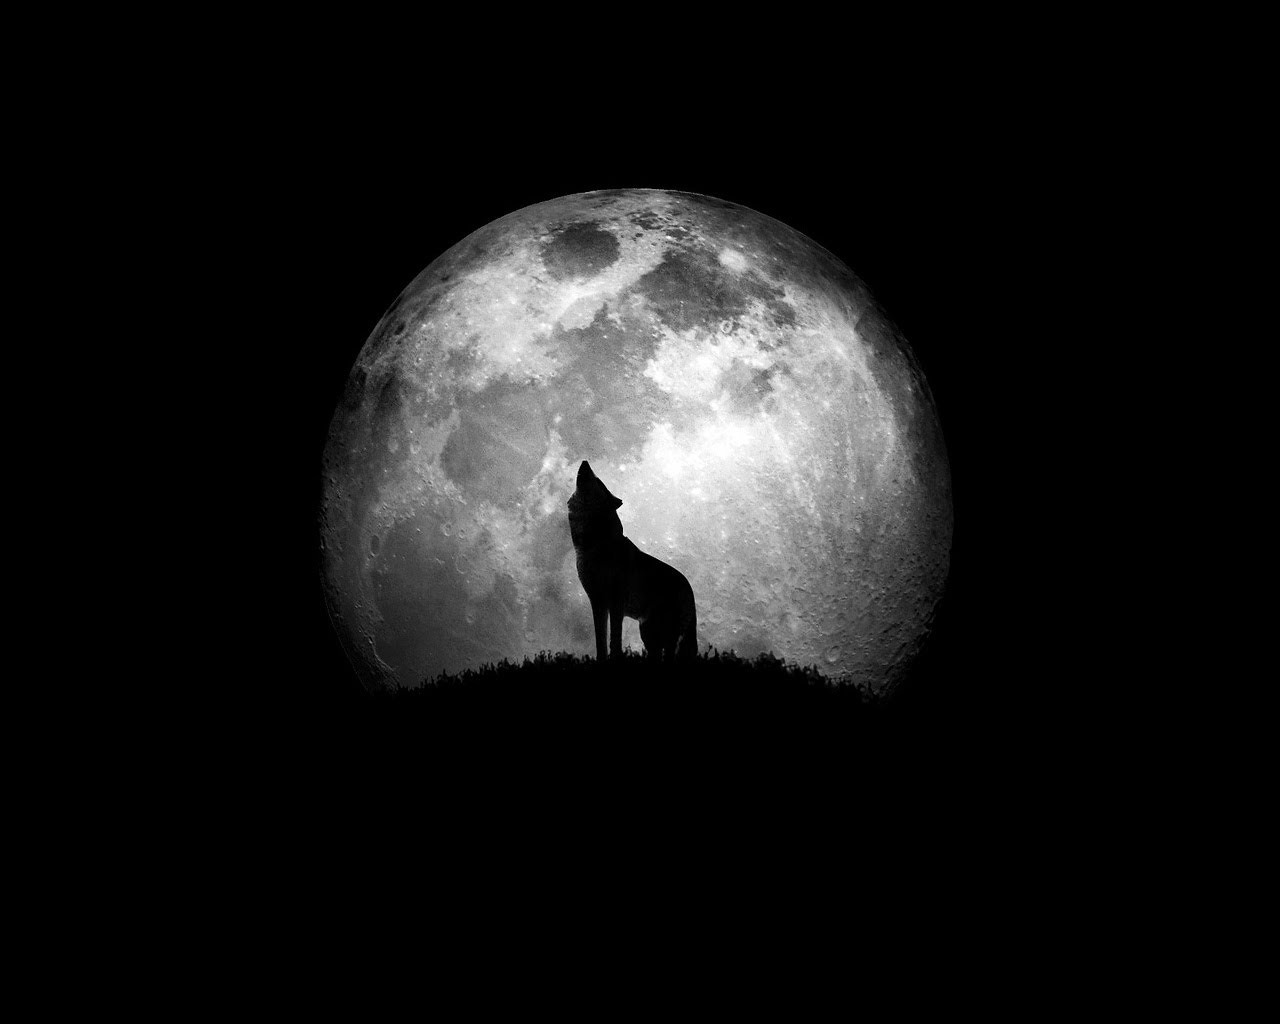 Best Imagenes Lobo Aullando A La Luna Image Collection